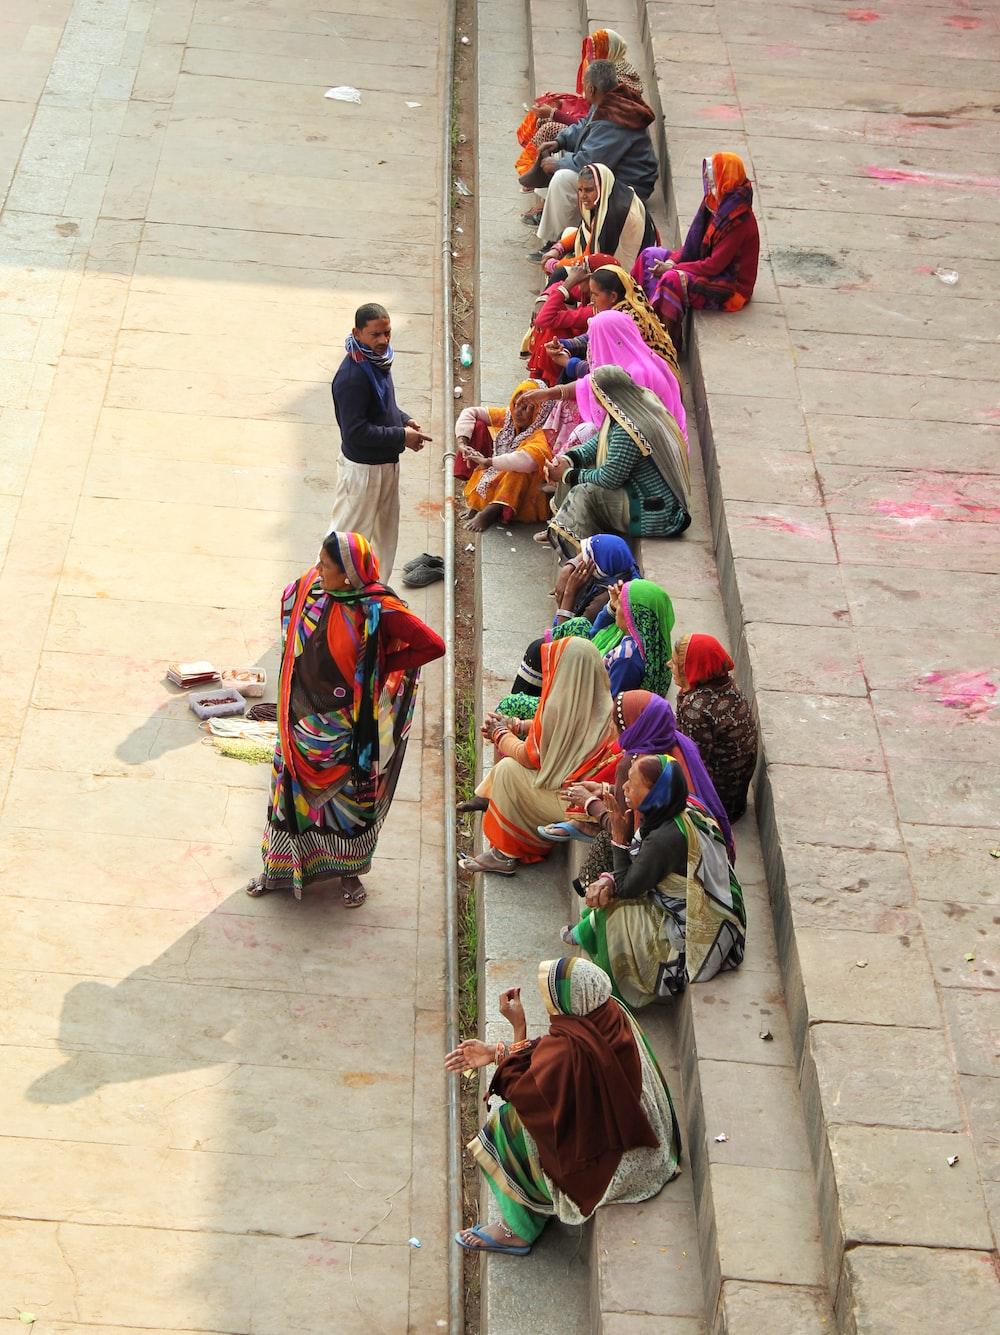 women wearing sari dress sitting on concrete stairs during daytime